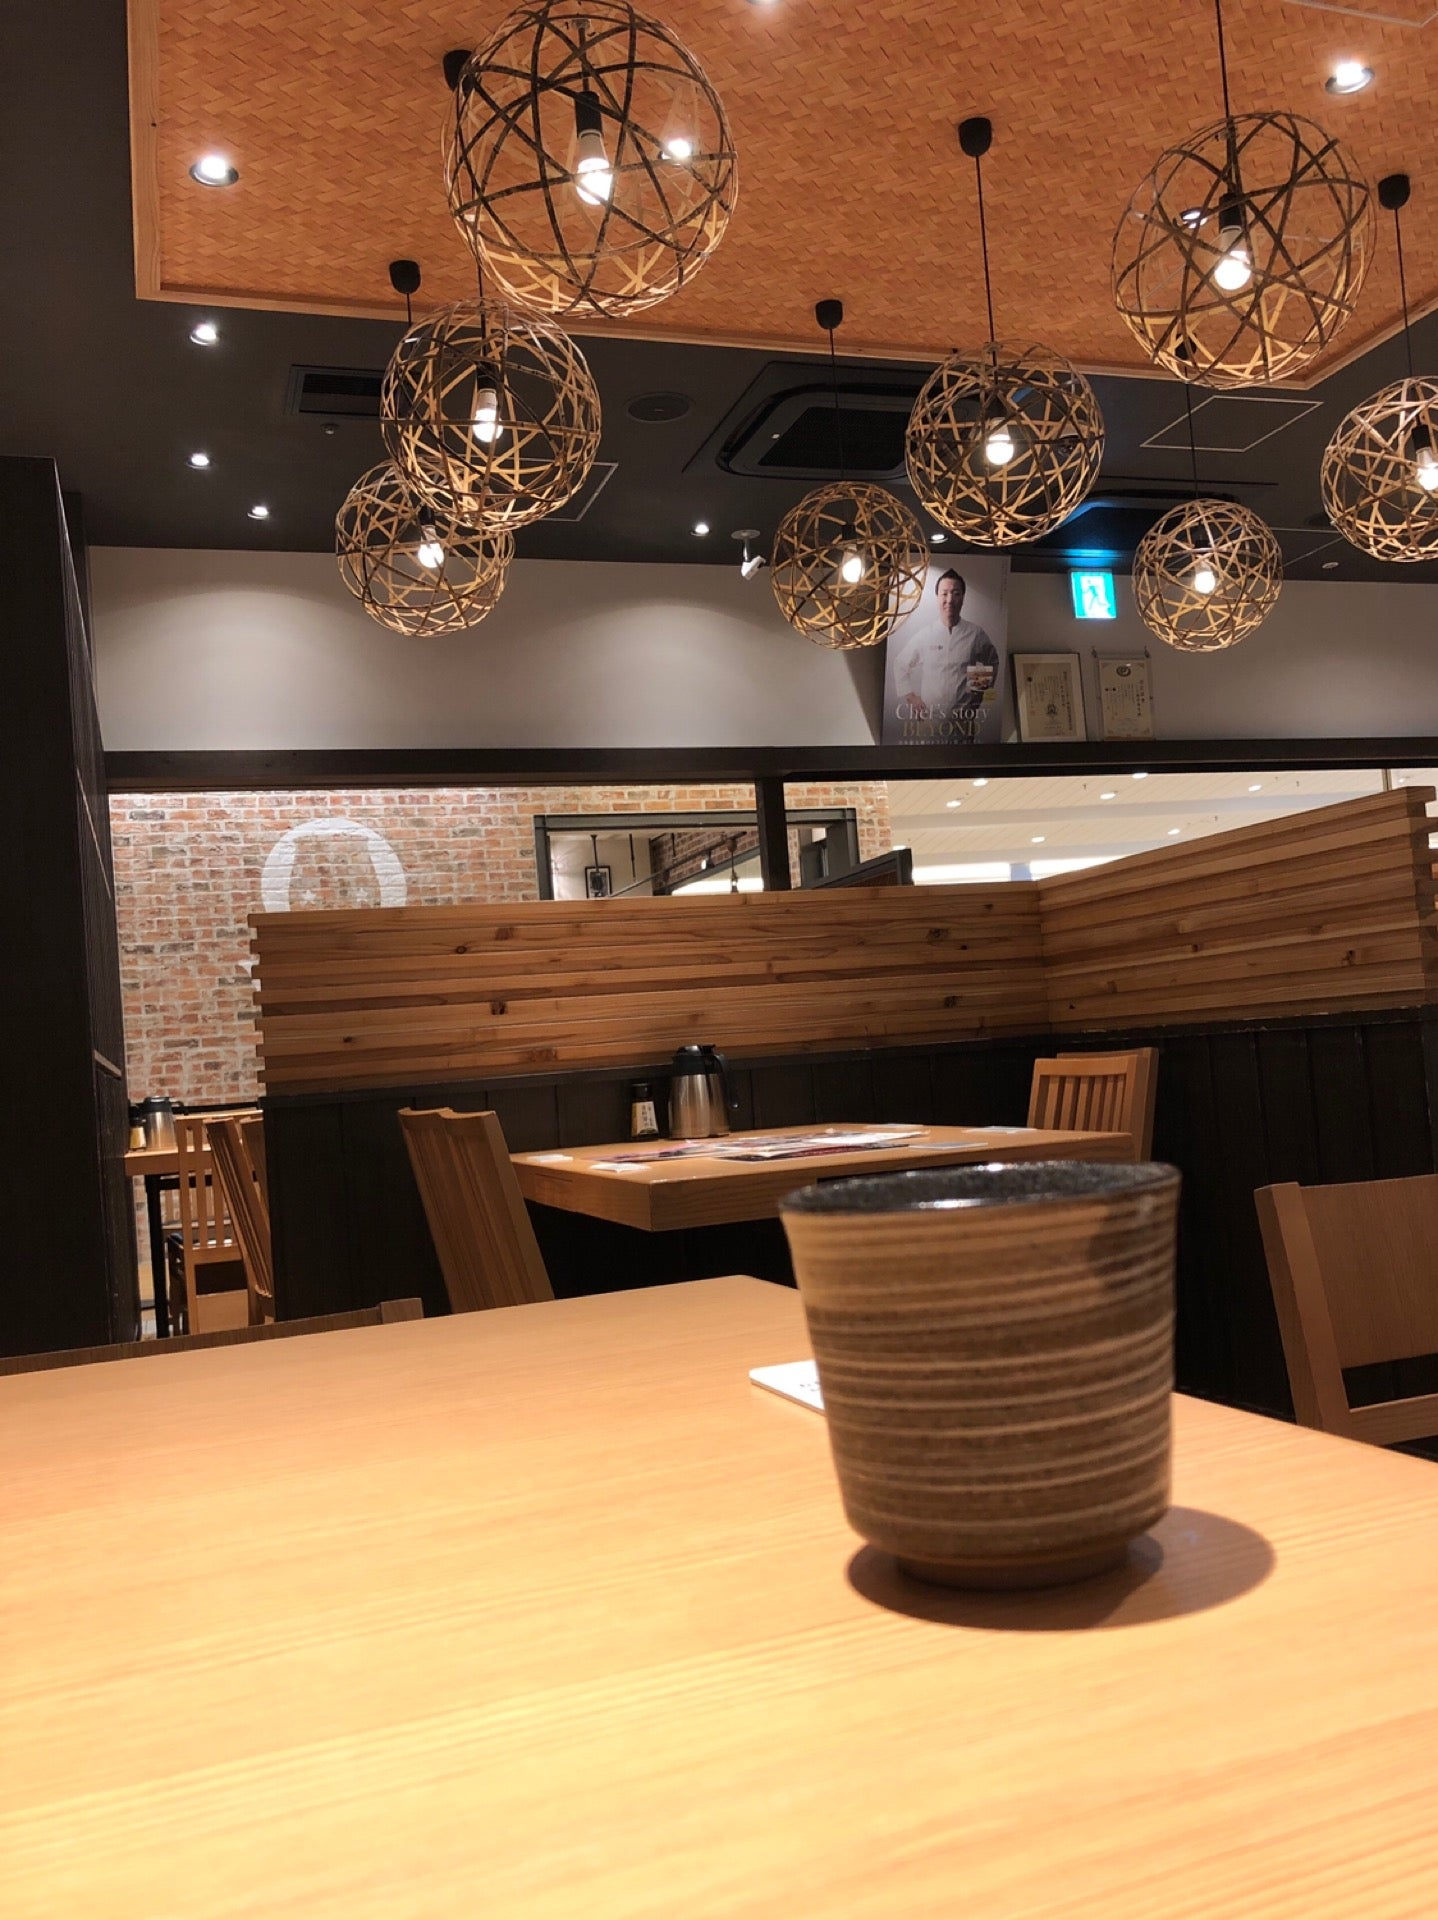 I'm at 和食バル 音音 名古屋JRゲートタワー店 - @oto_nagoya in 名古屋市, 愛知県 https://t.co/muh0oOgsEf https://t.co/3R7kychrIt